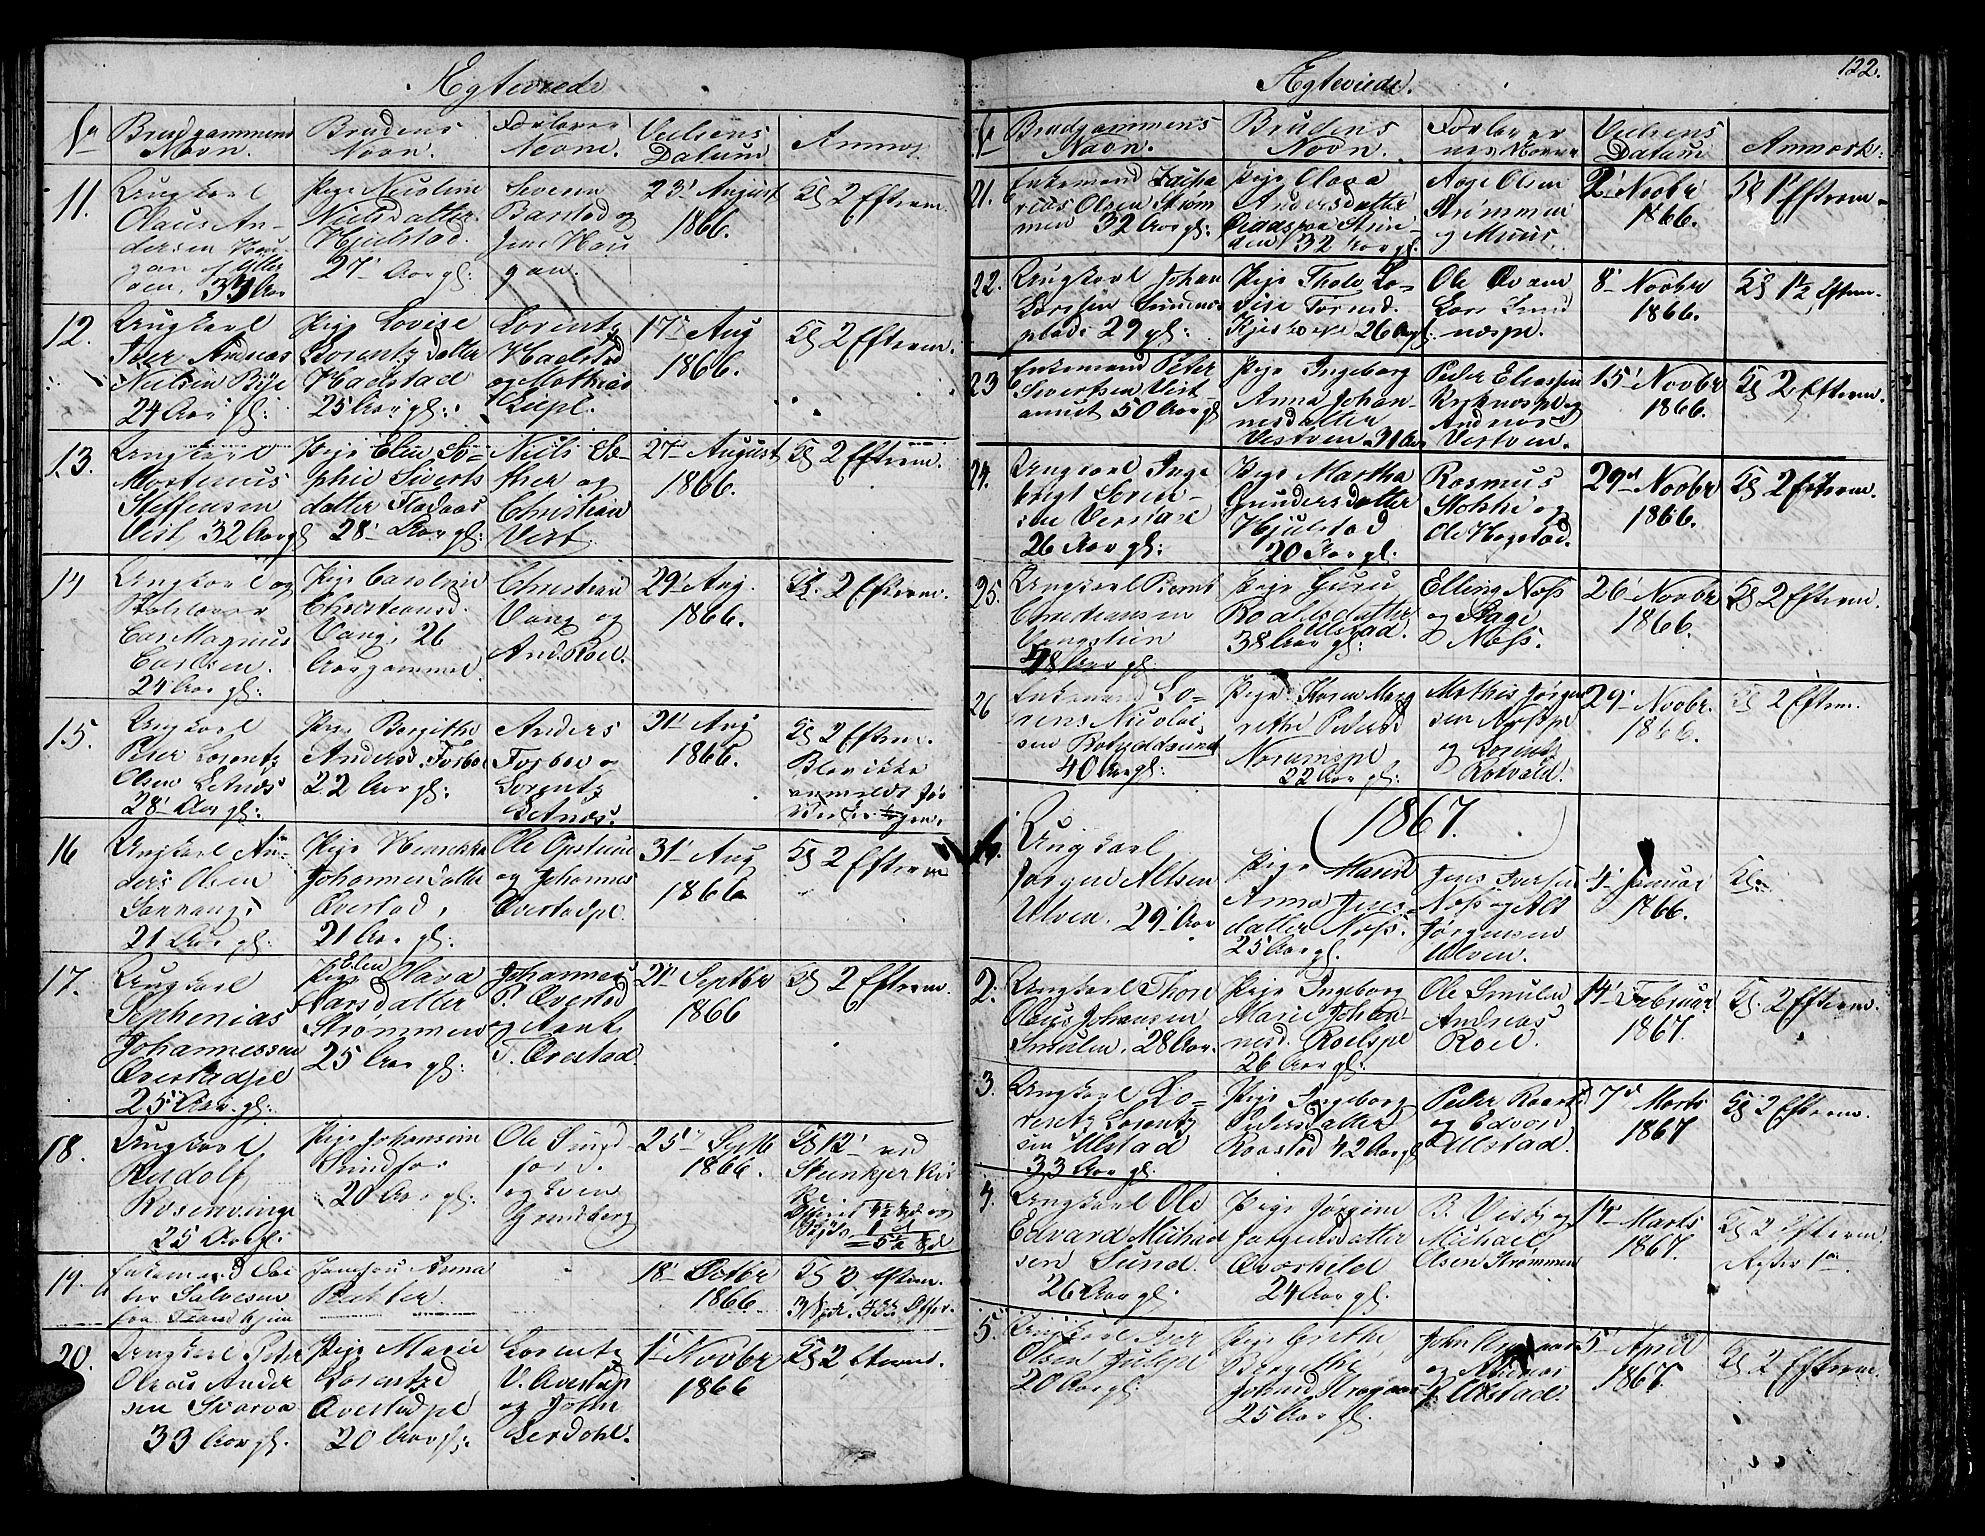 SAT, Ministerialprotokoller, klokkerbøker og fødselsregistre - Nord-Trøndelag, 730/L0299: Klokkerbok nr. 730C02, 1849-1871, s. 122